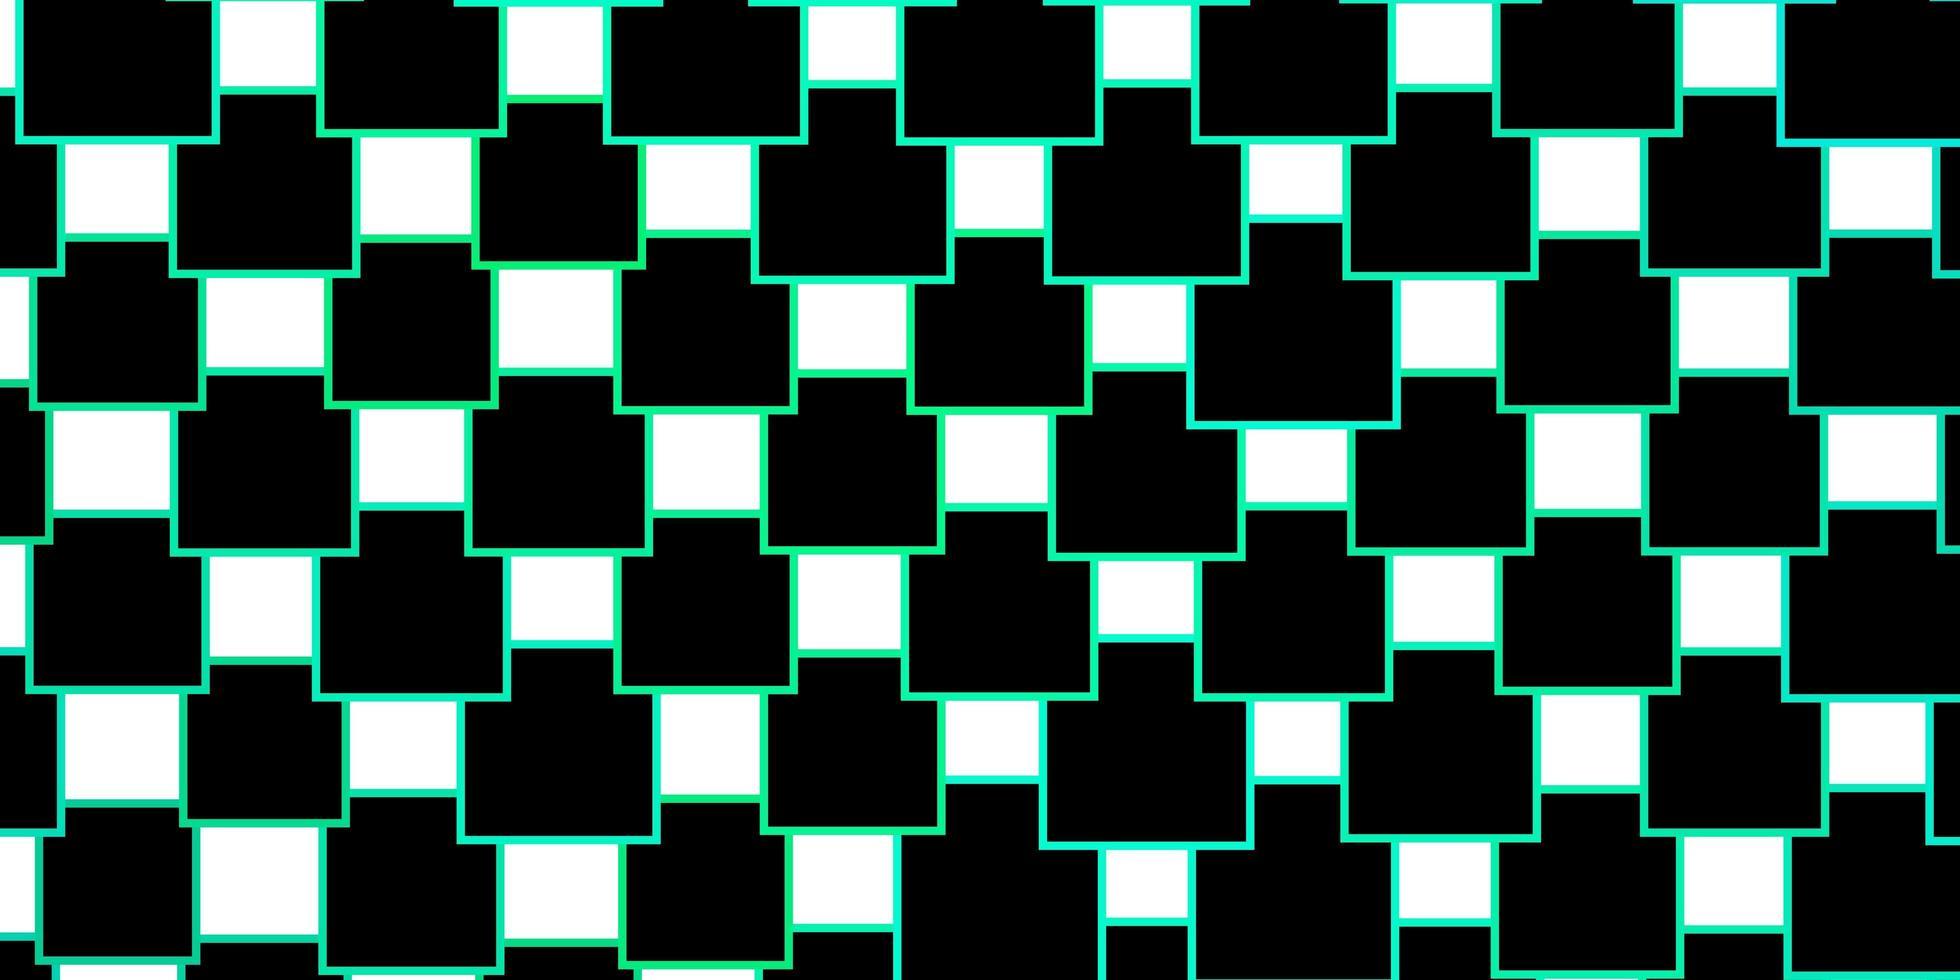 lichtgroene vectorlay-out met lijnen, rechthoeken. vector